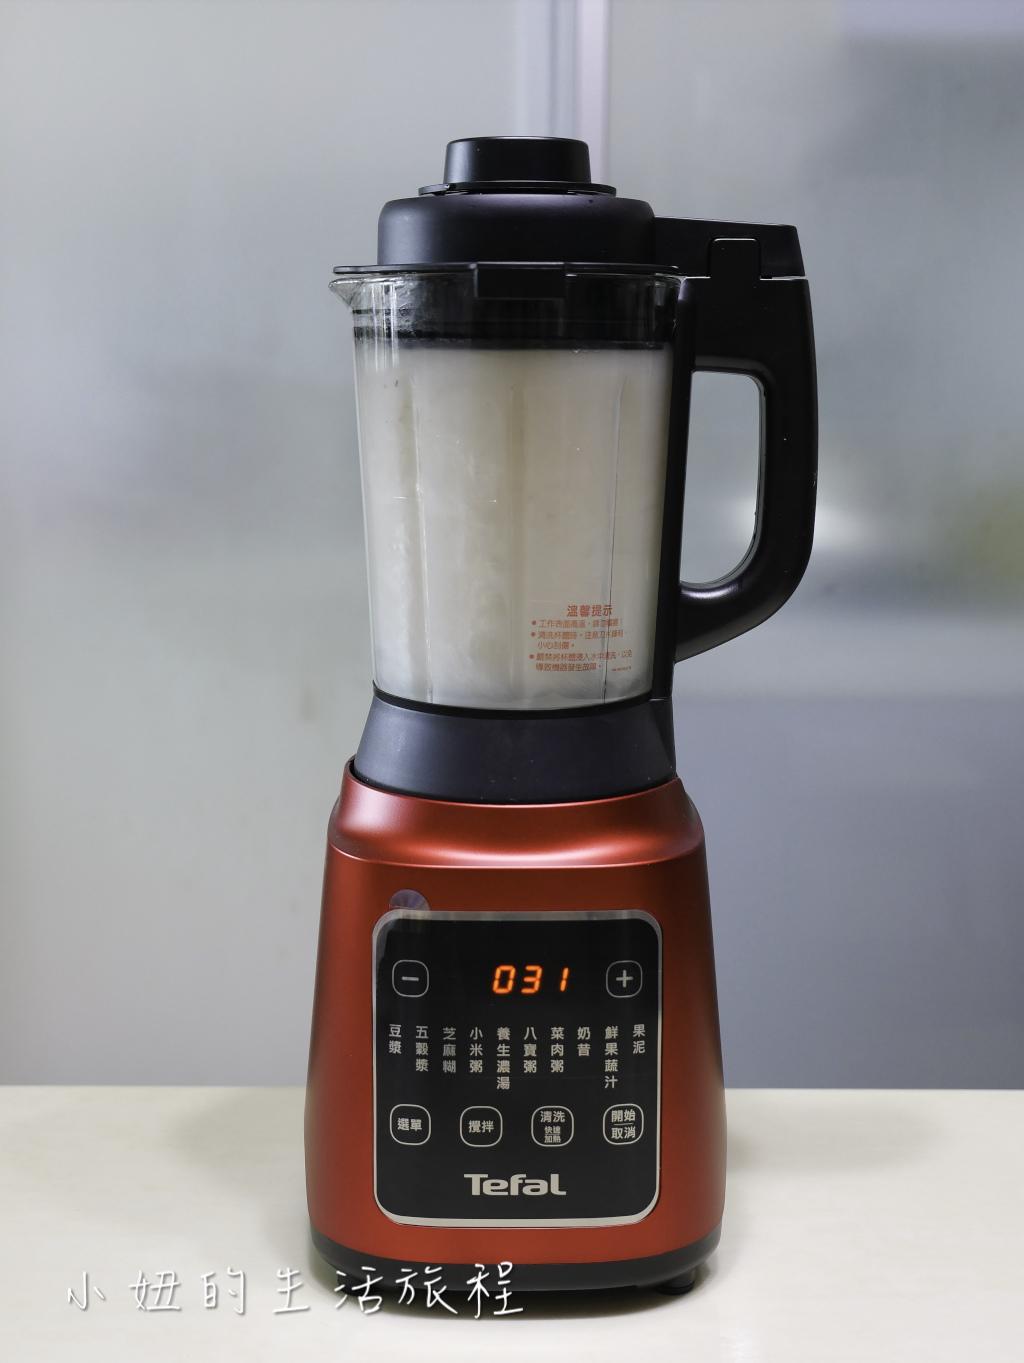 Tefal法國特福高速熱能營養調理機-40.jpg